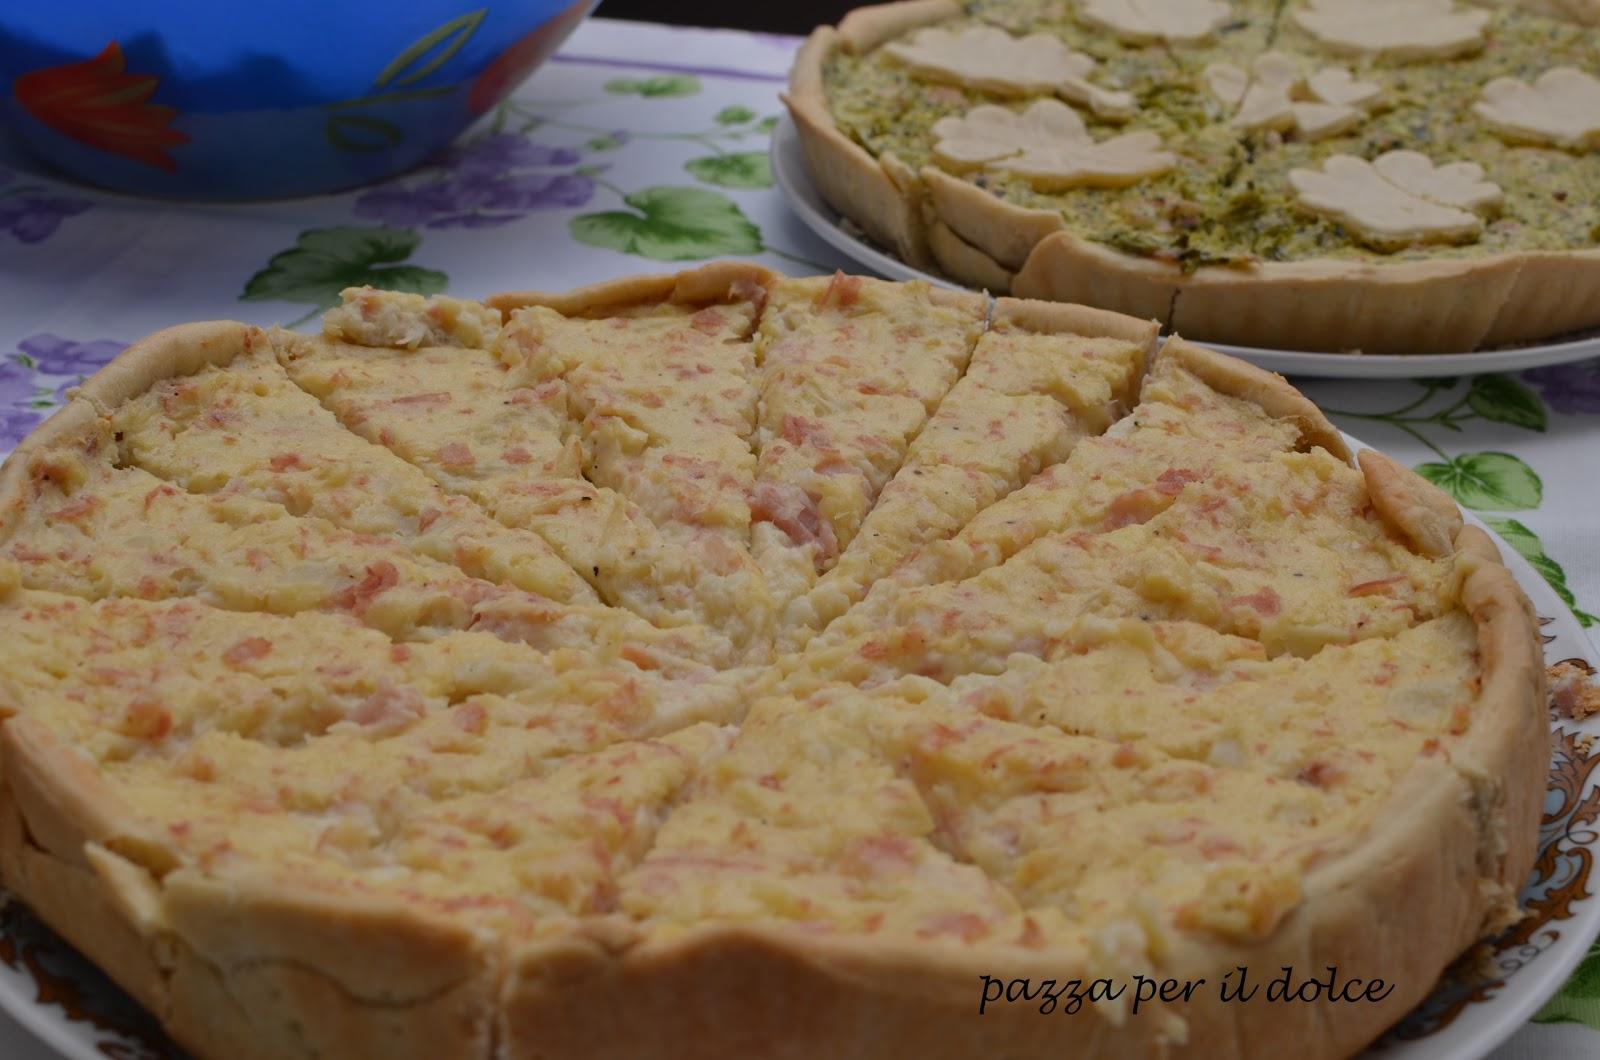 Torta salata pasta brise e ricotta